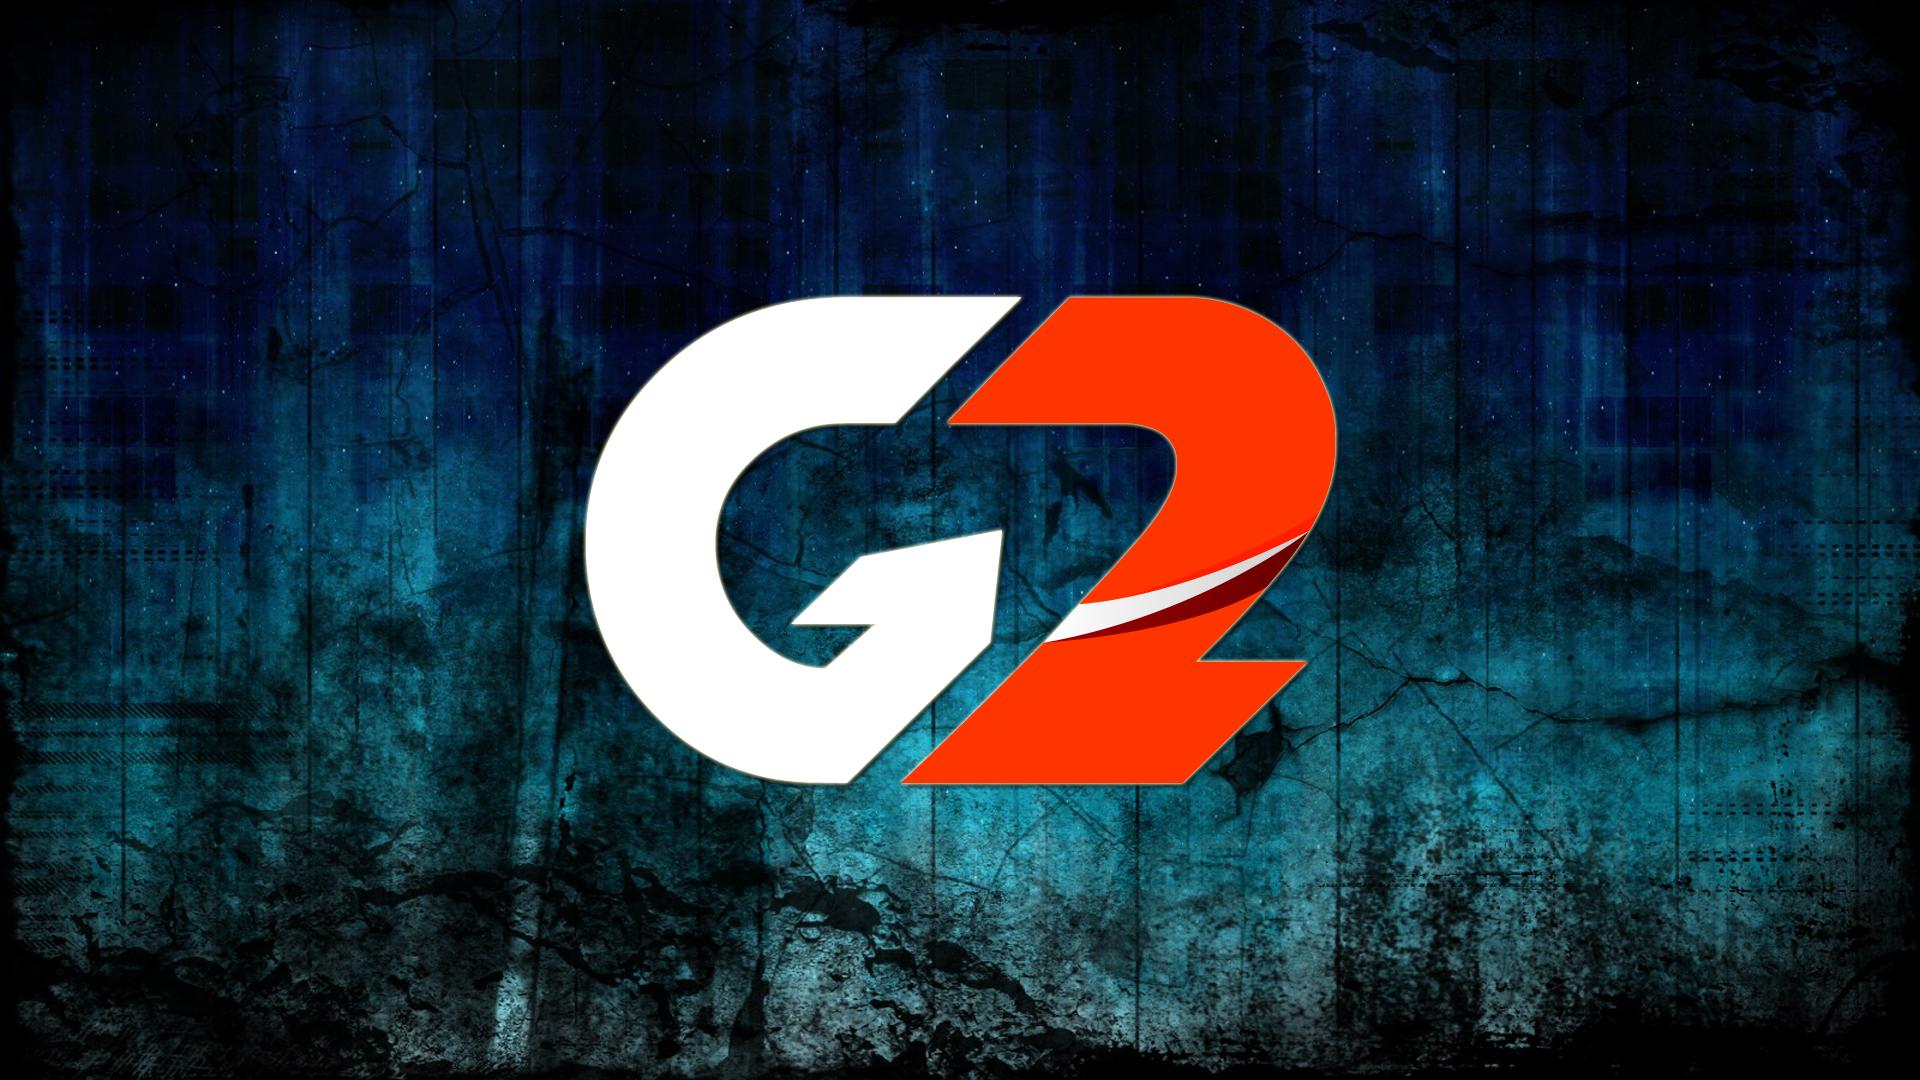 Old G2 logo on Blue Grunge